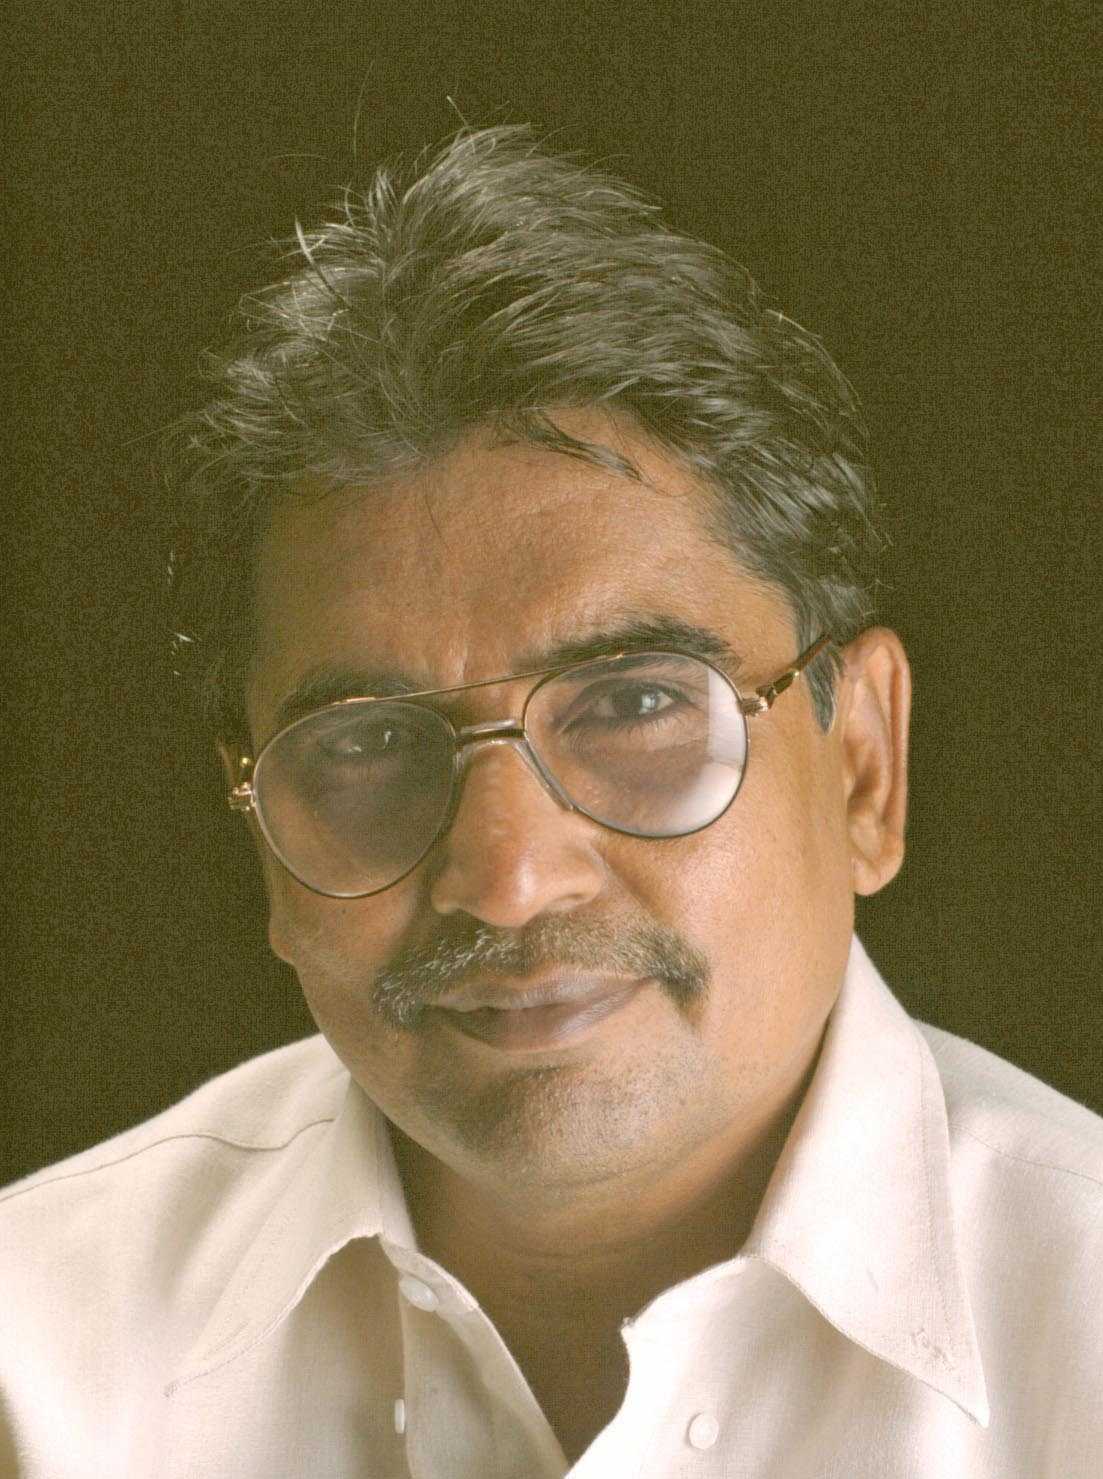 Aslam Kiratpuri Aslam Kiratpuri Wikipedia